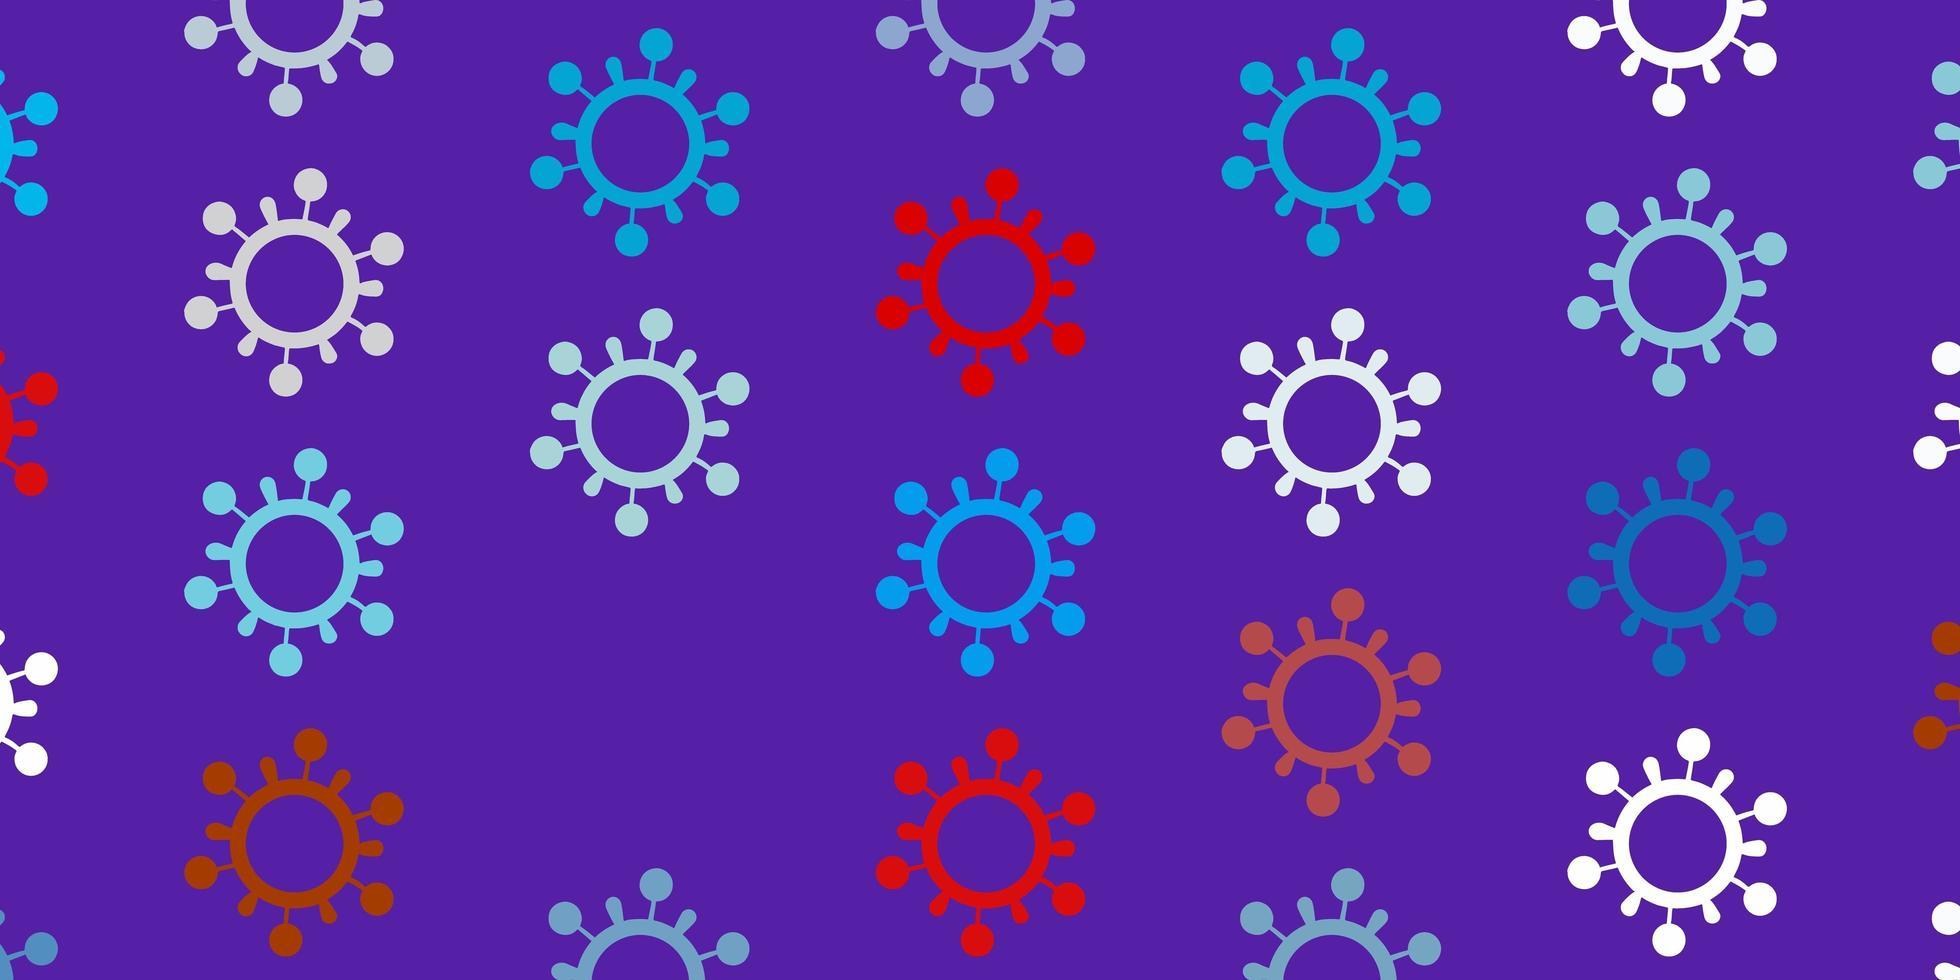 lichtblauw, rood vectorpatroon met coronaviruselementen. vector